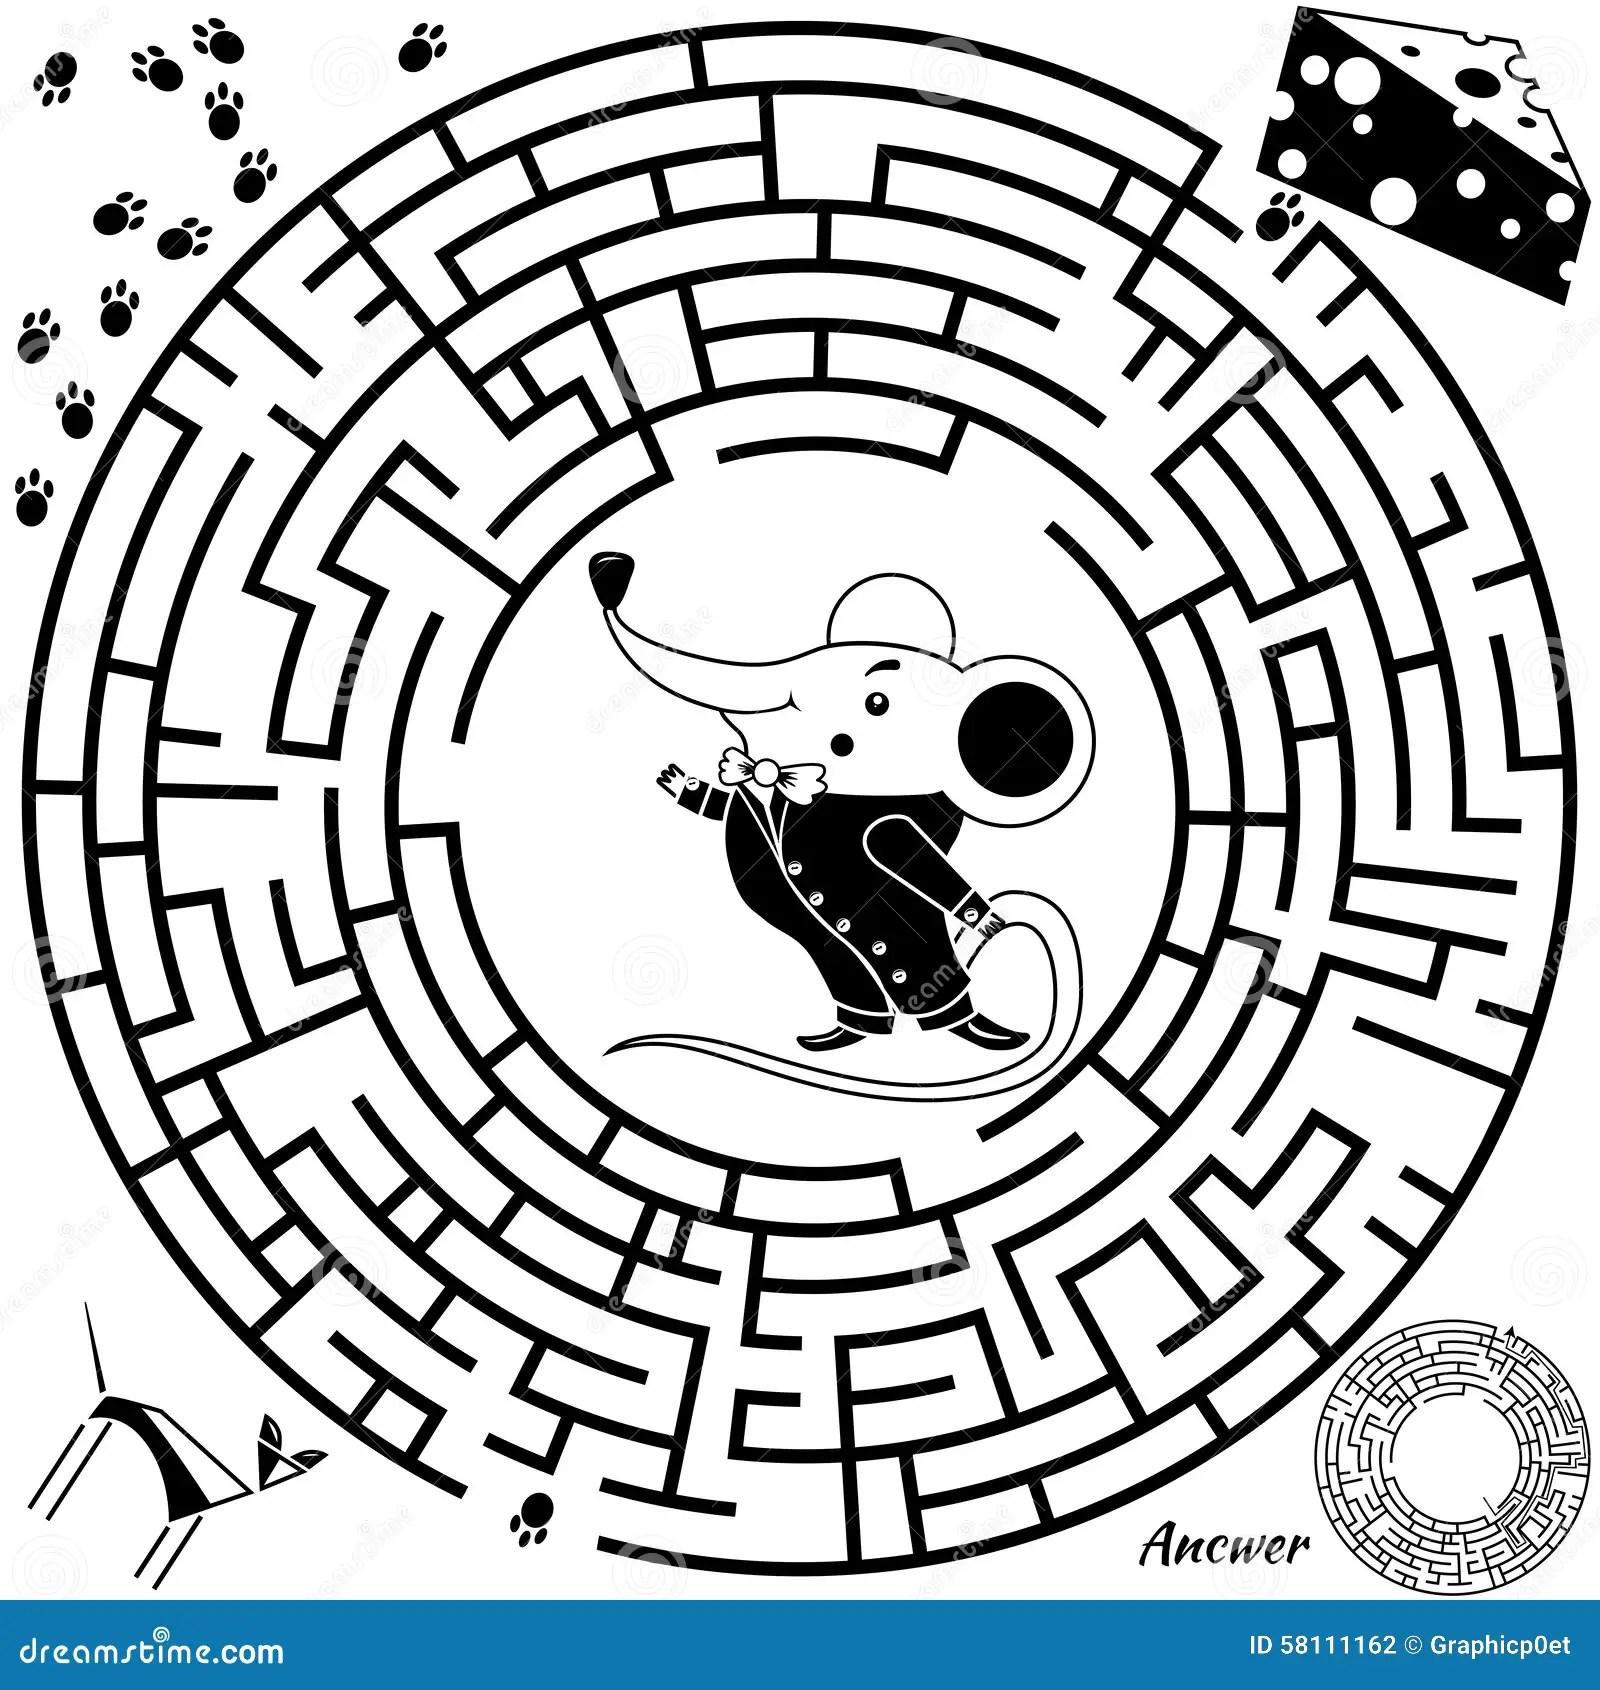 Maze Game For Kids Stock Vector Illustration Of Easy